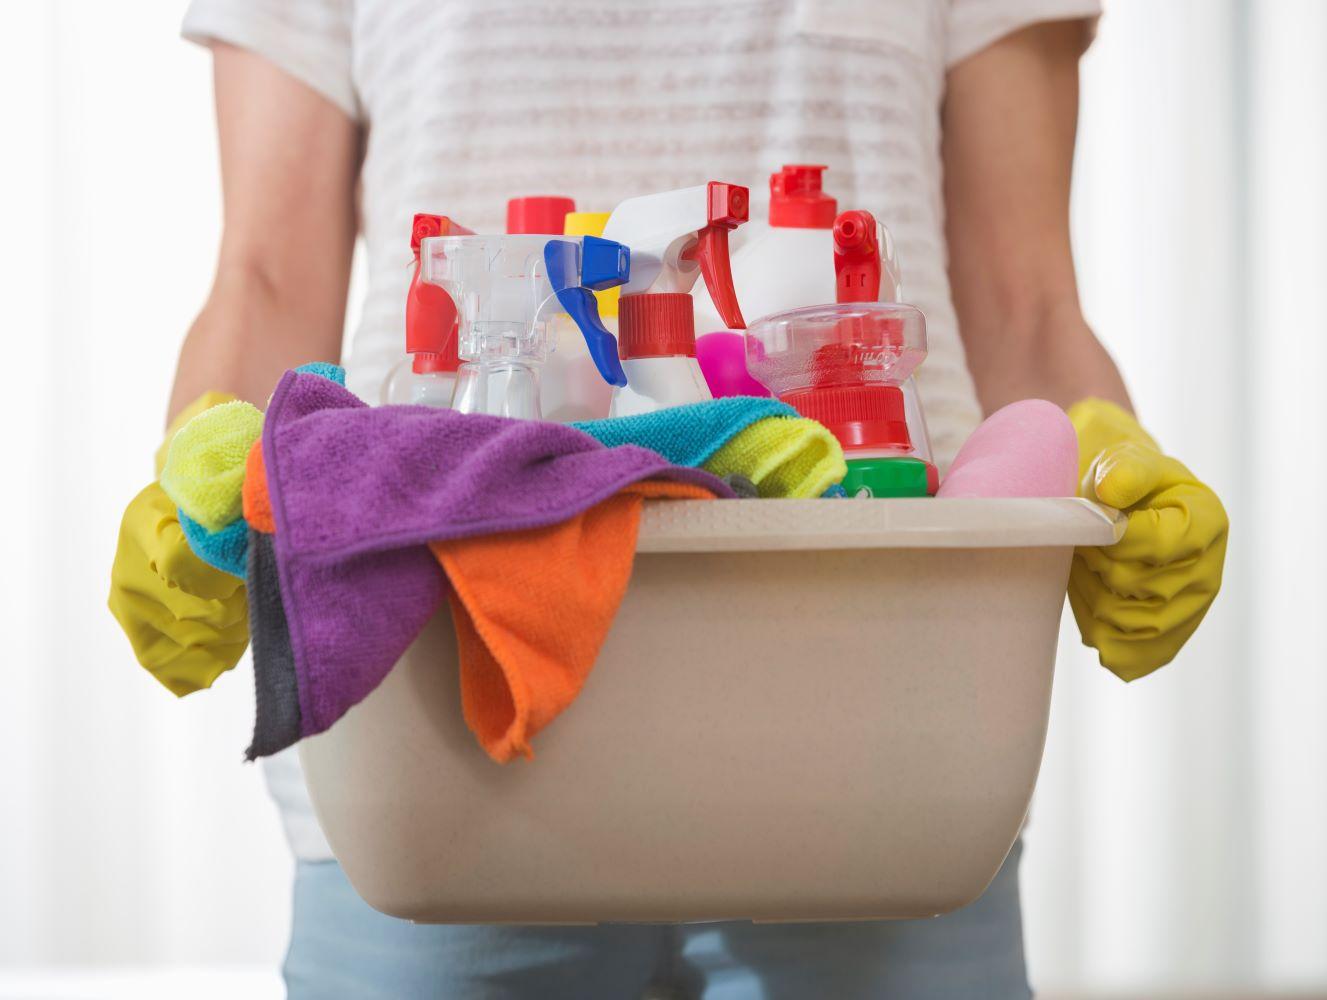 bénéficier d'une aide pour le ménage